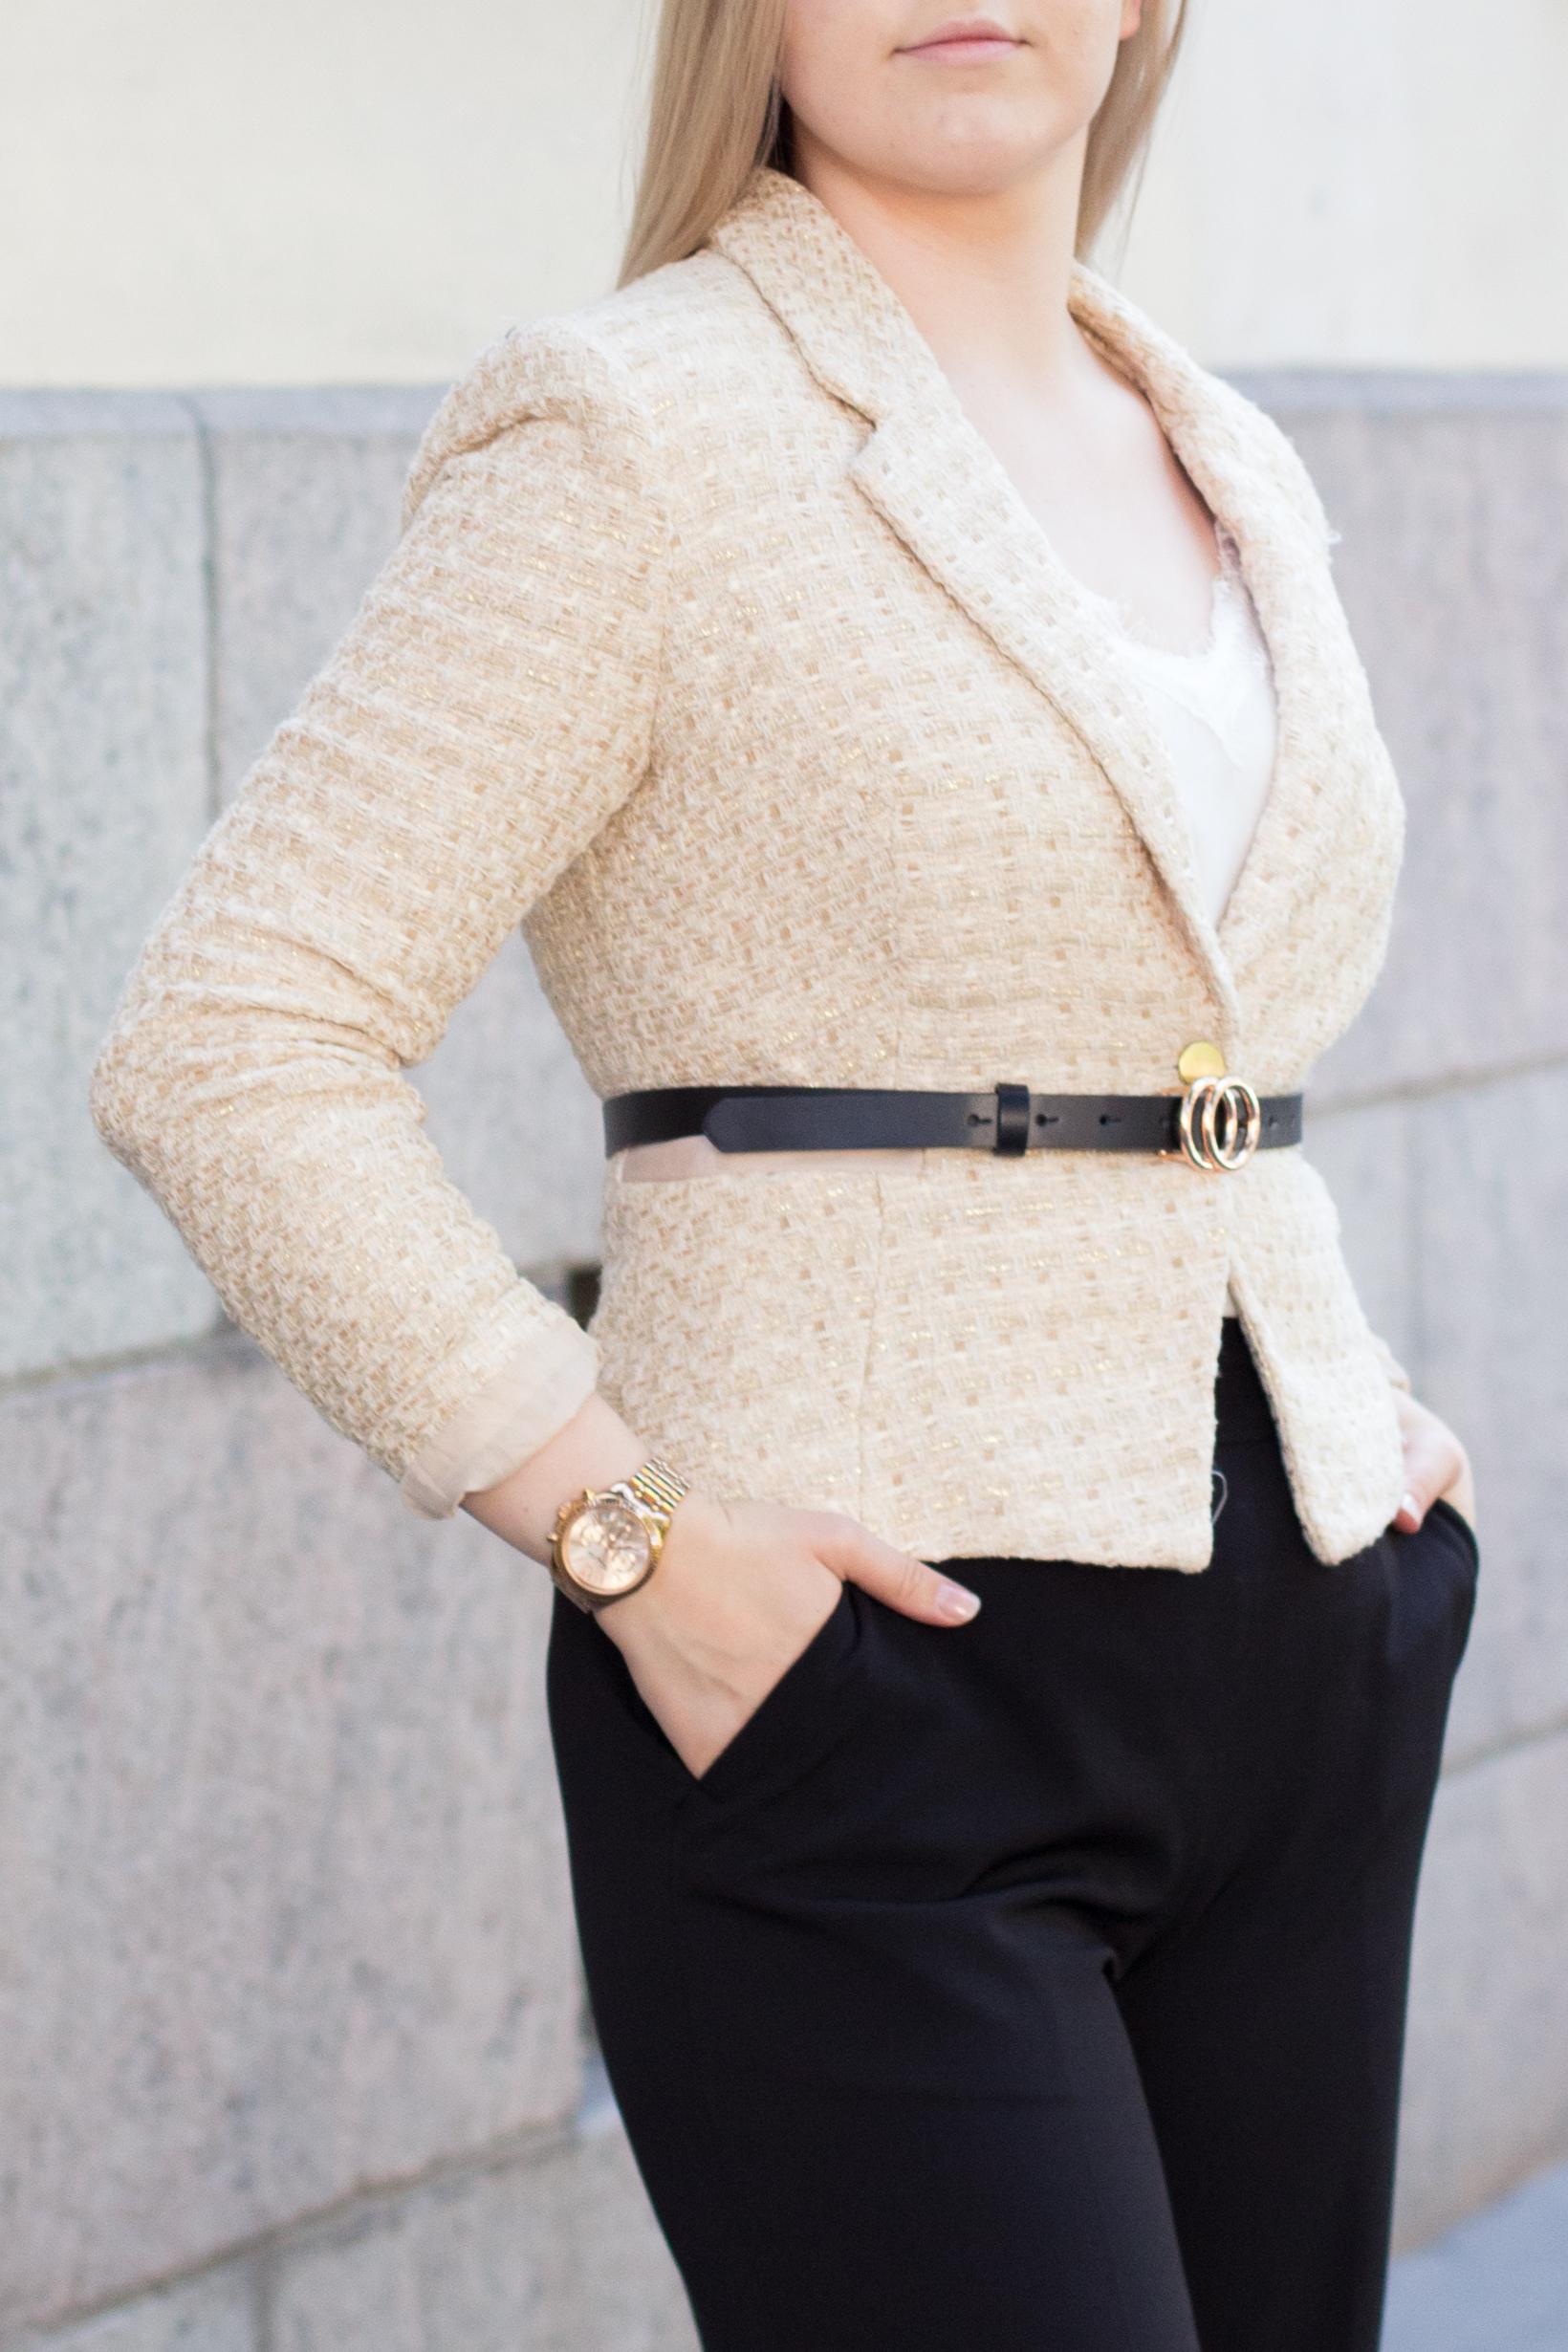 Chanel blazer (19 of 31).jpg